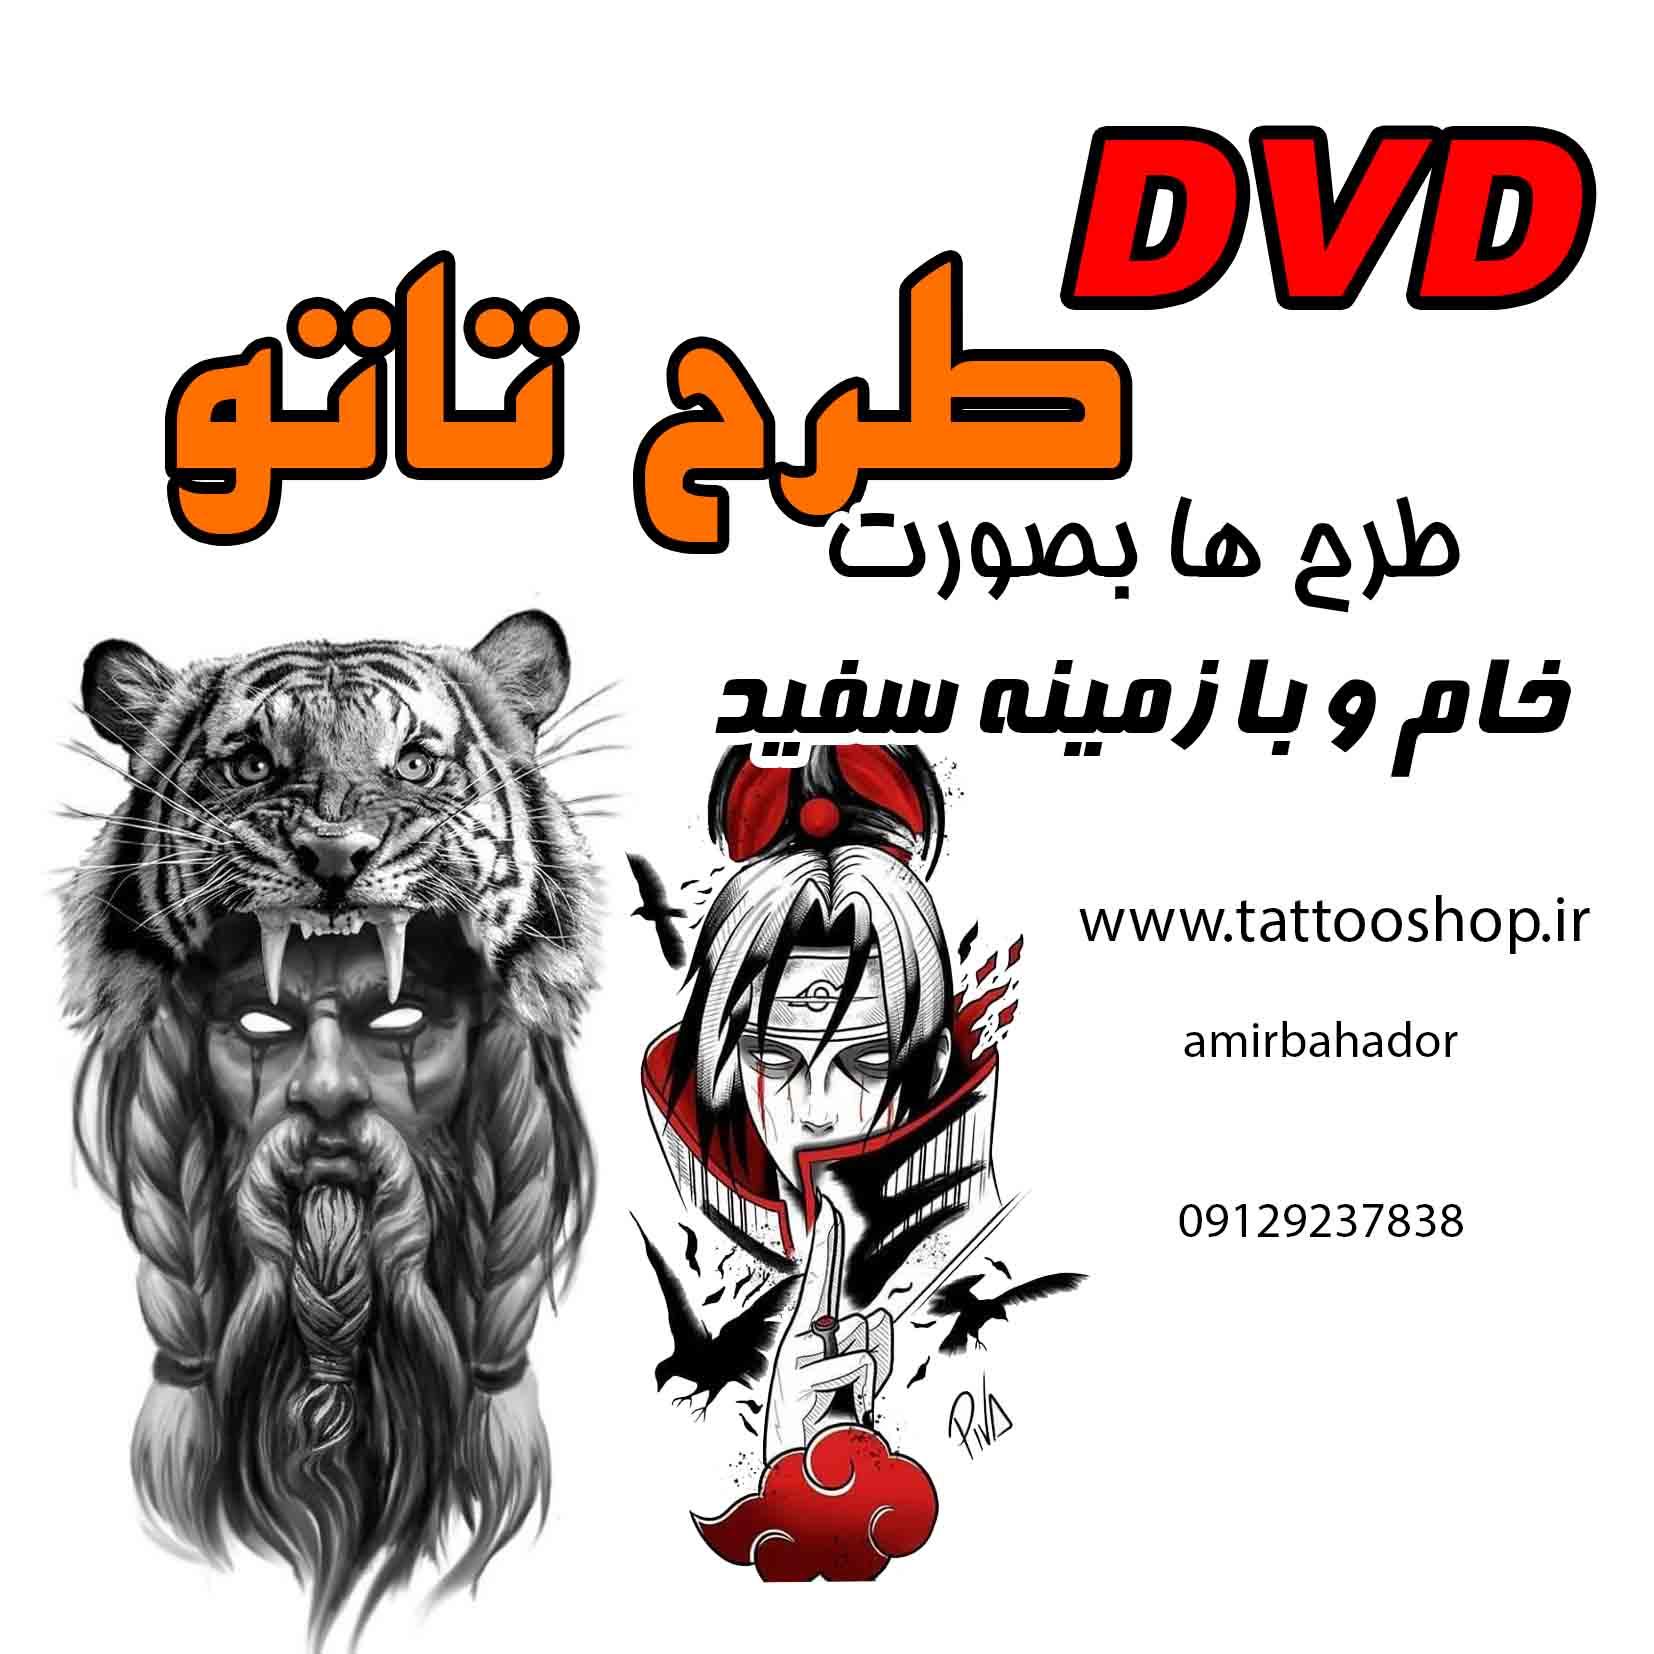 dvd طرح تاتو ۲۰۲۱